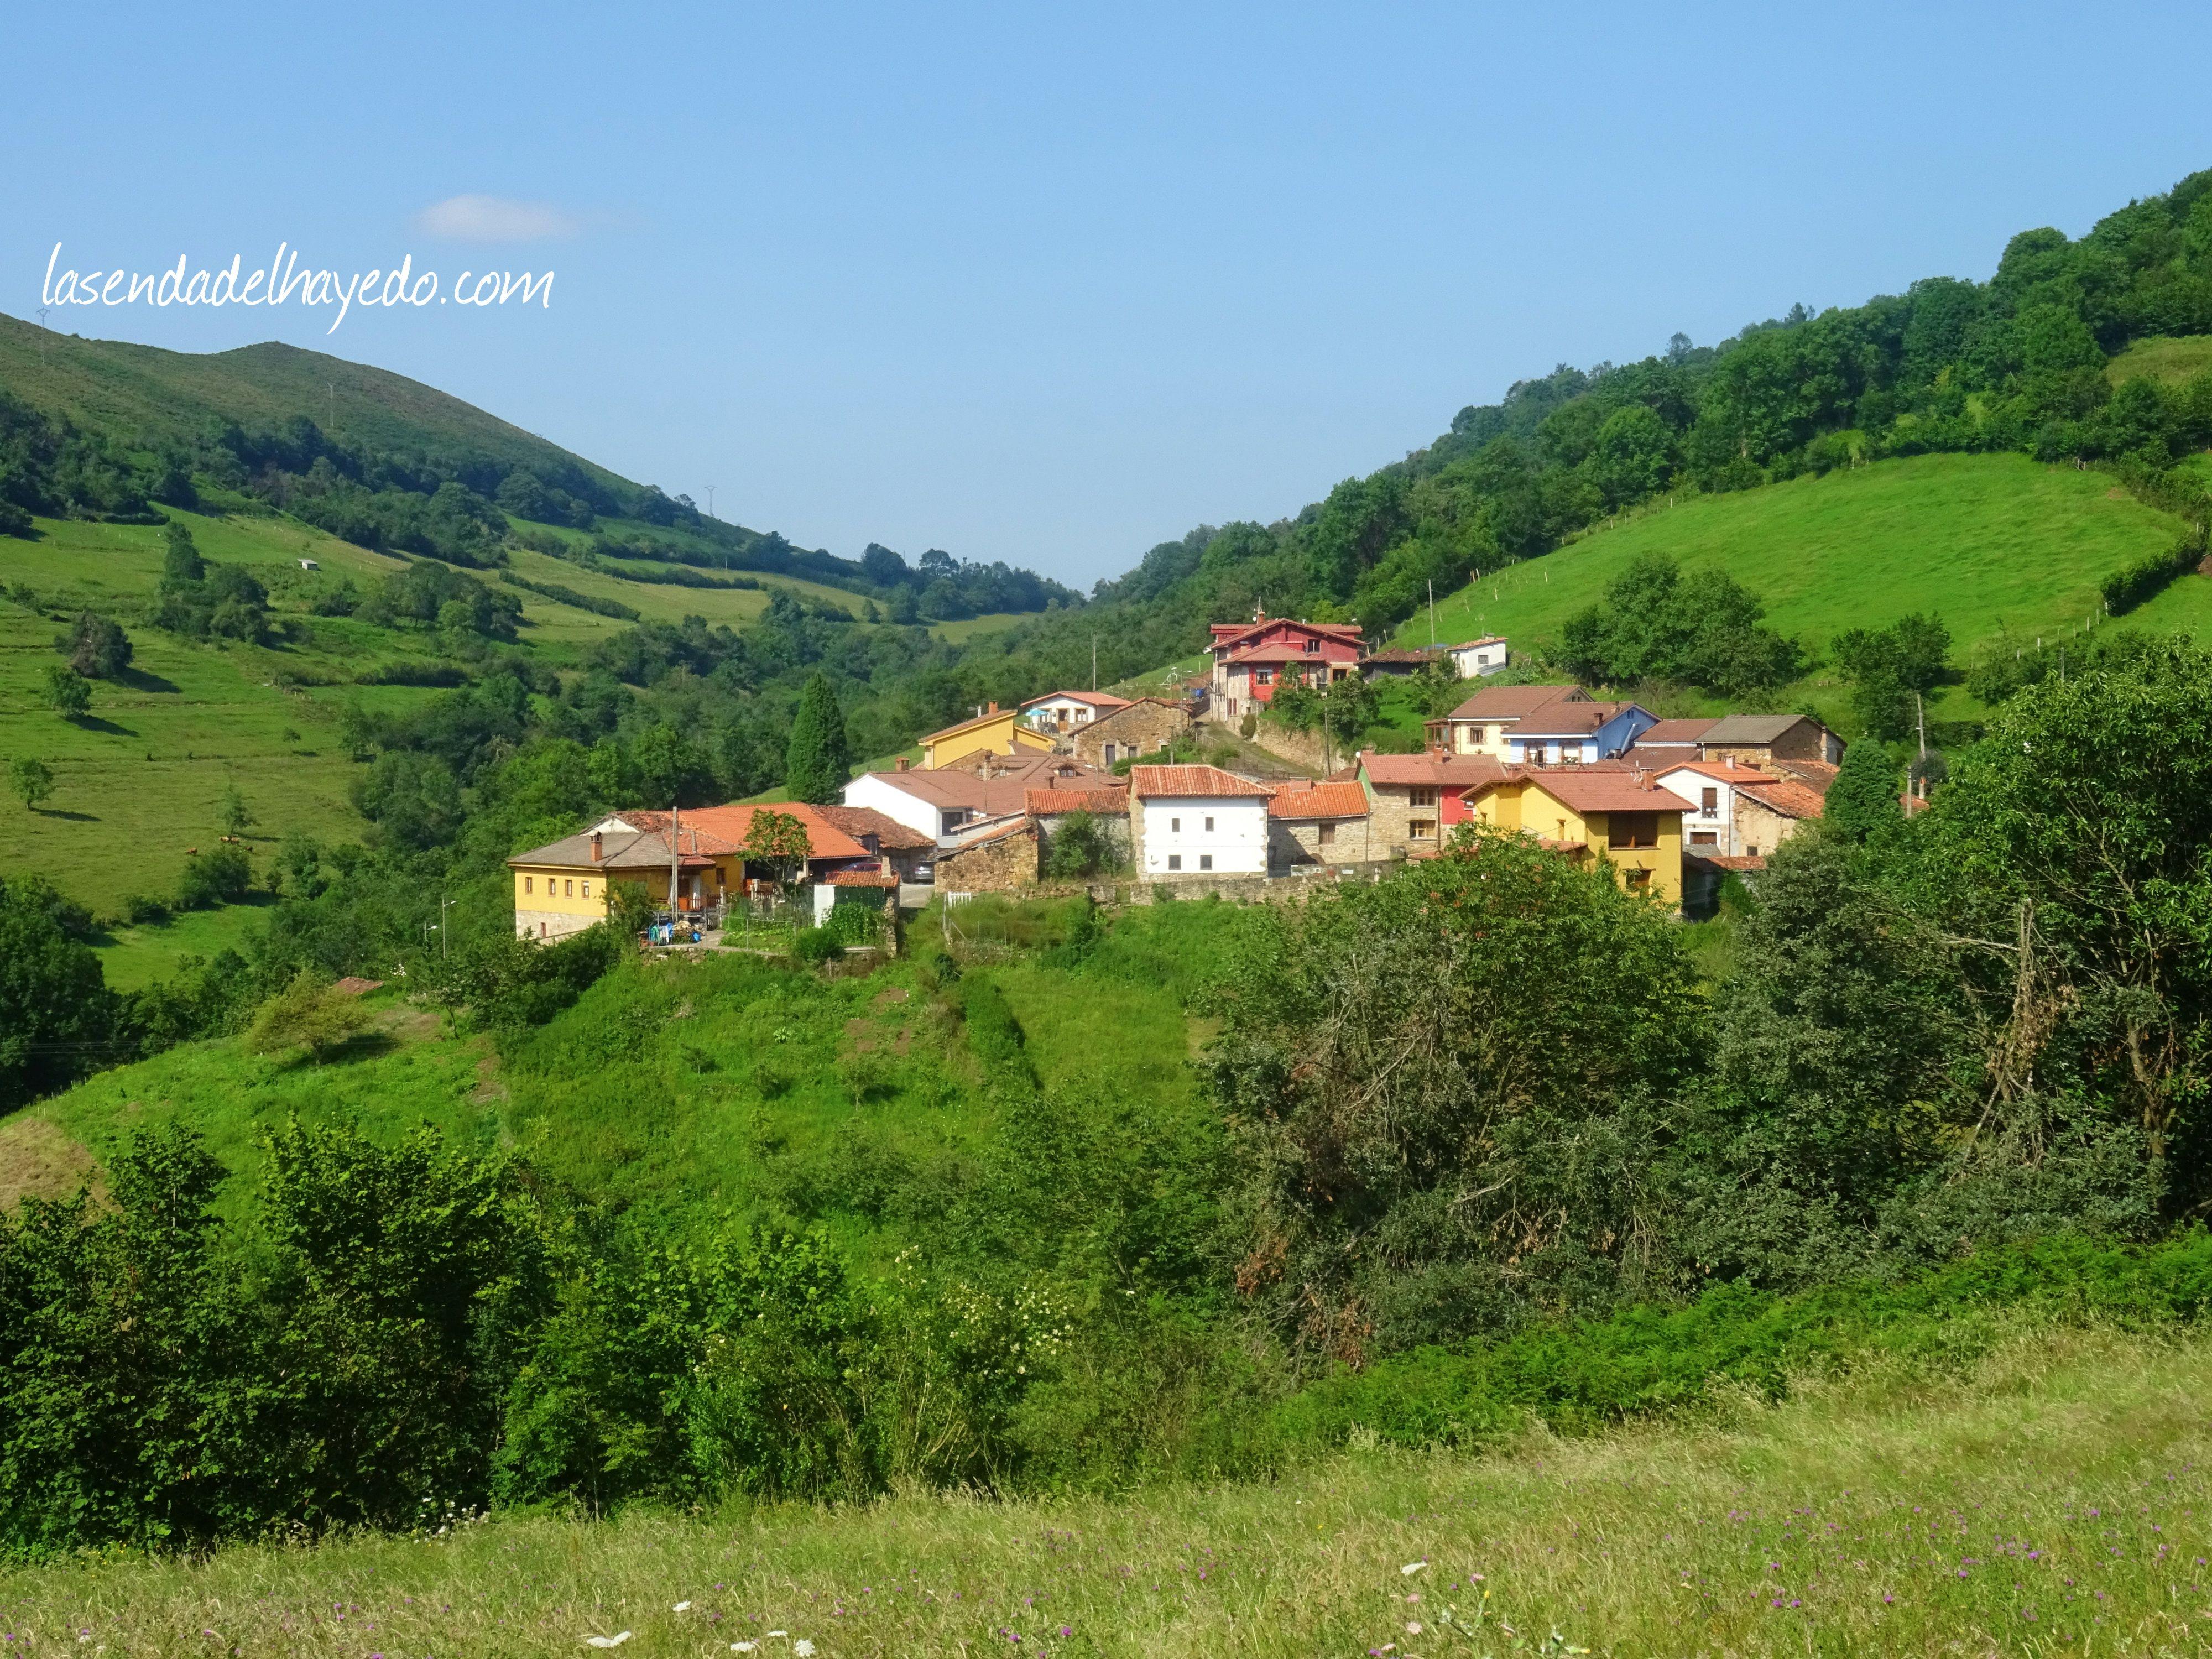 pedroveya asturias